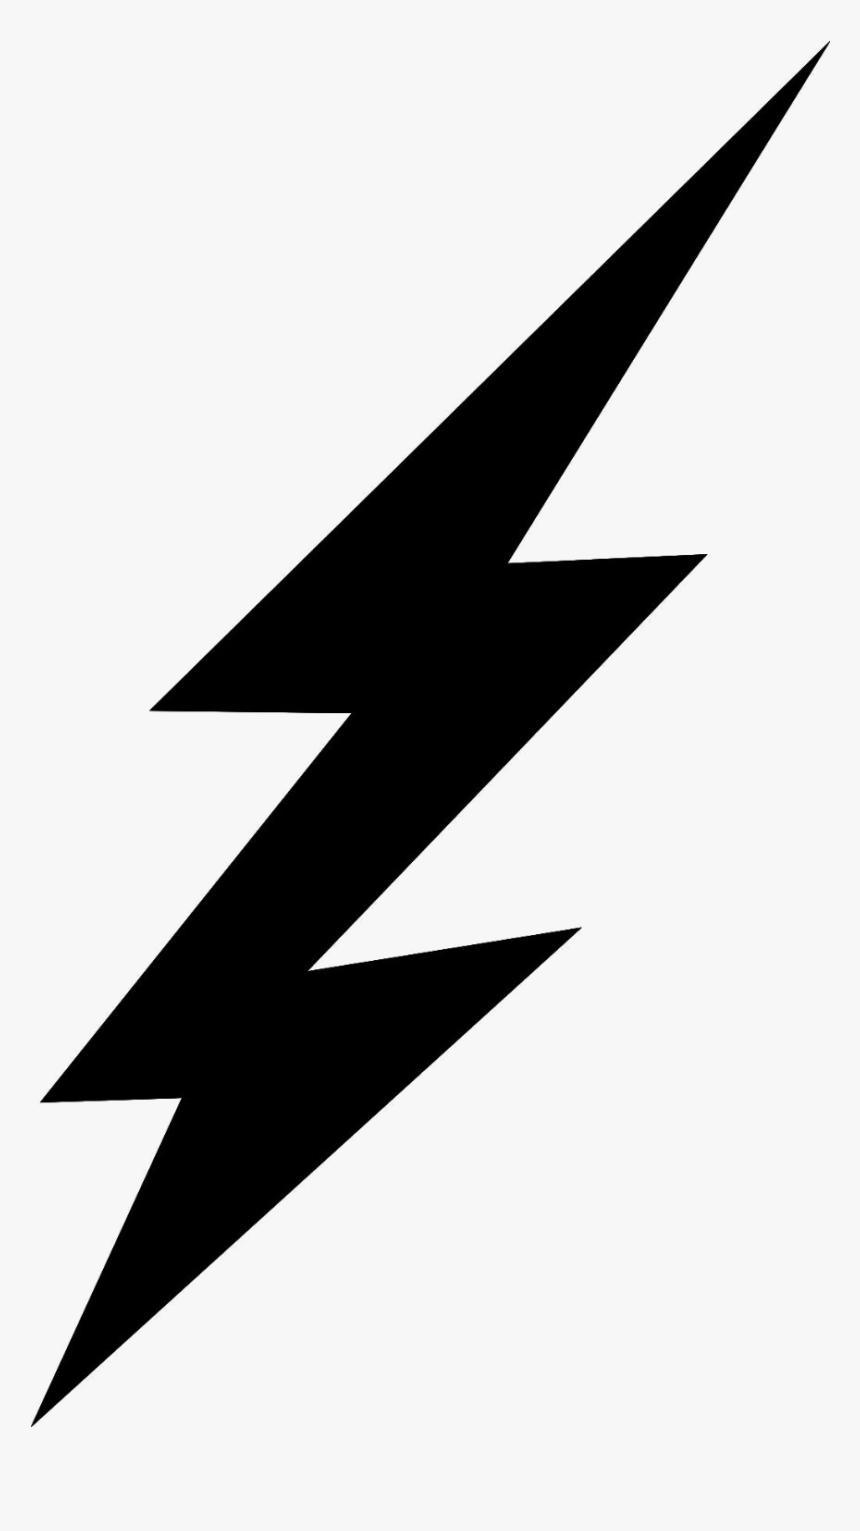 Lightning Free Bolt Clip Art On Transparent Png.